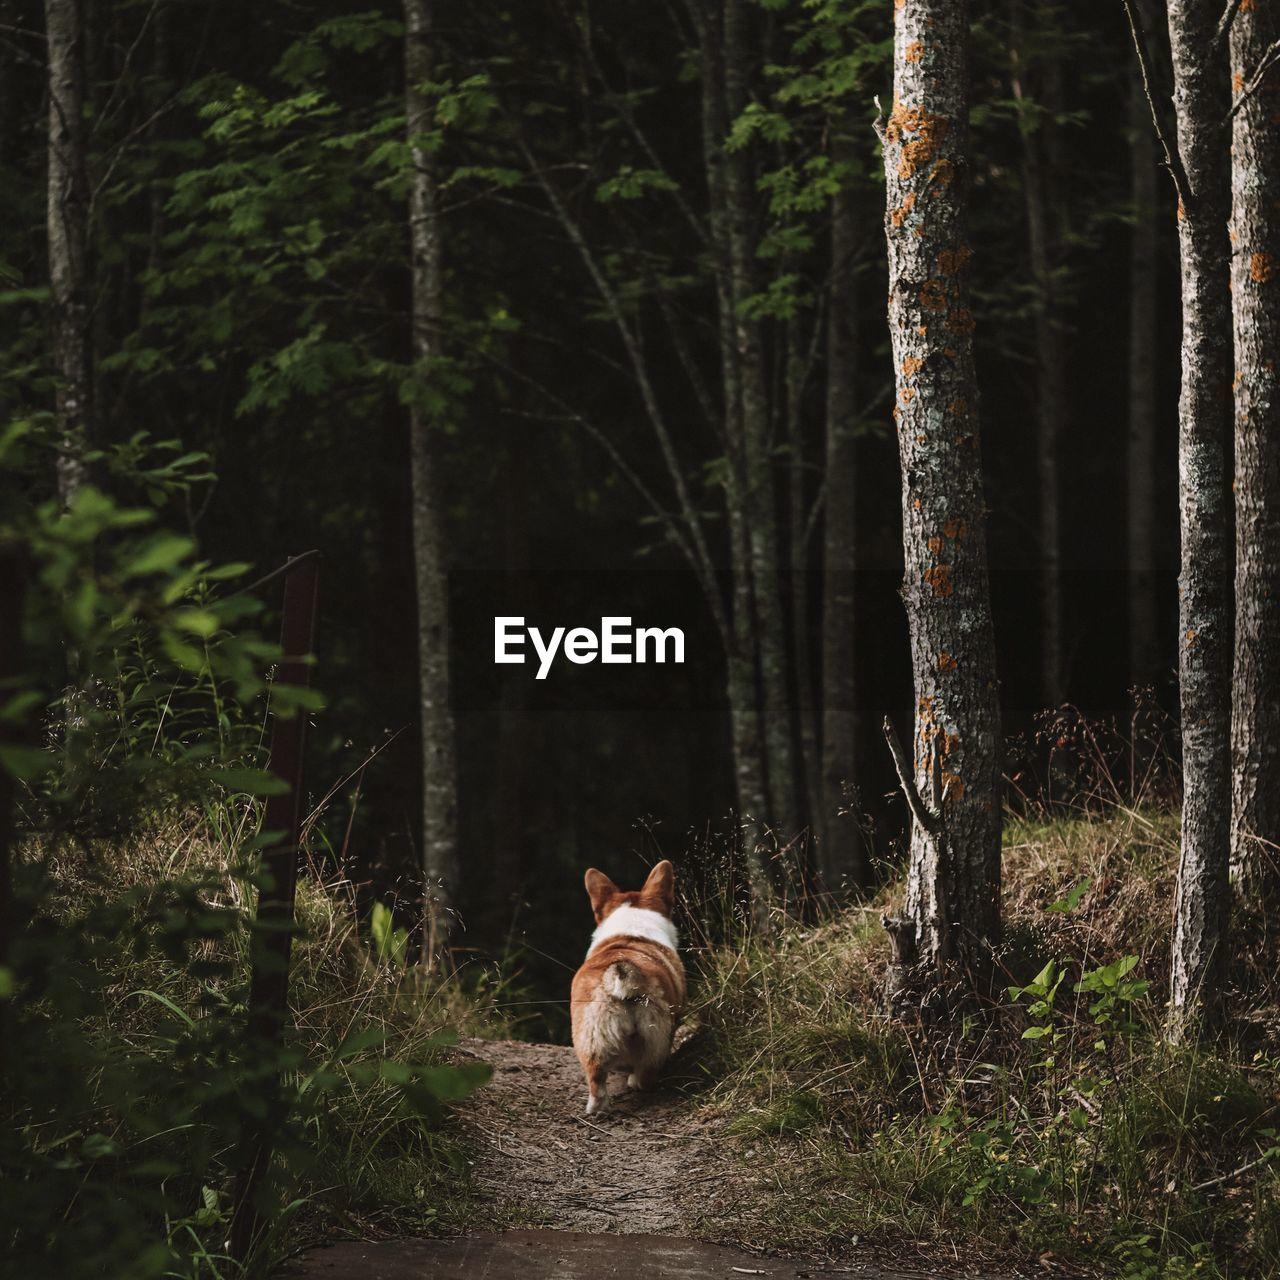 Corgi in a forest